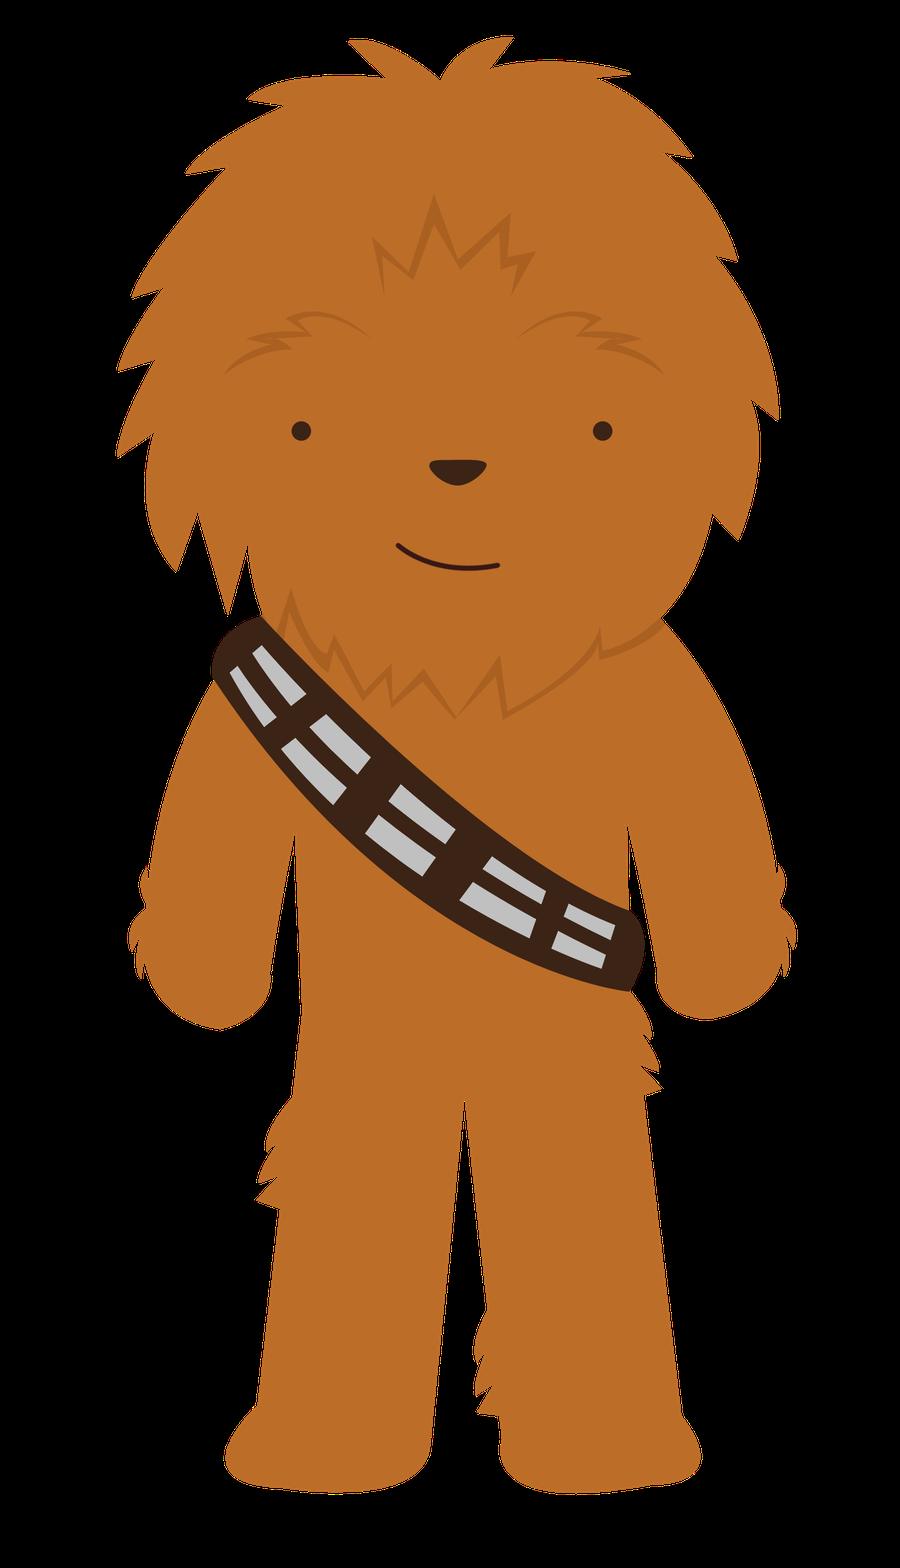 Baby Shower Chewy Star Wars Figuras Kawaii Dibujos